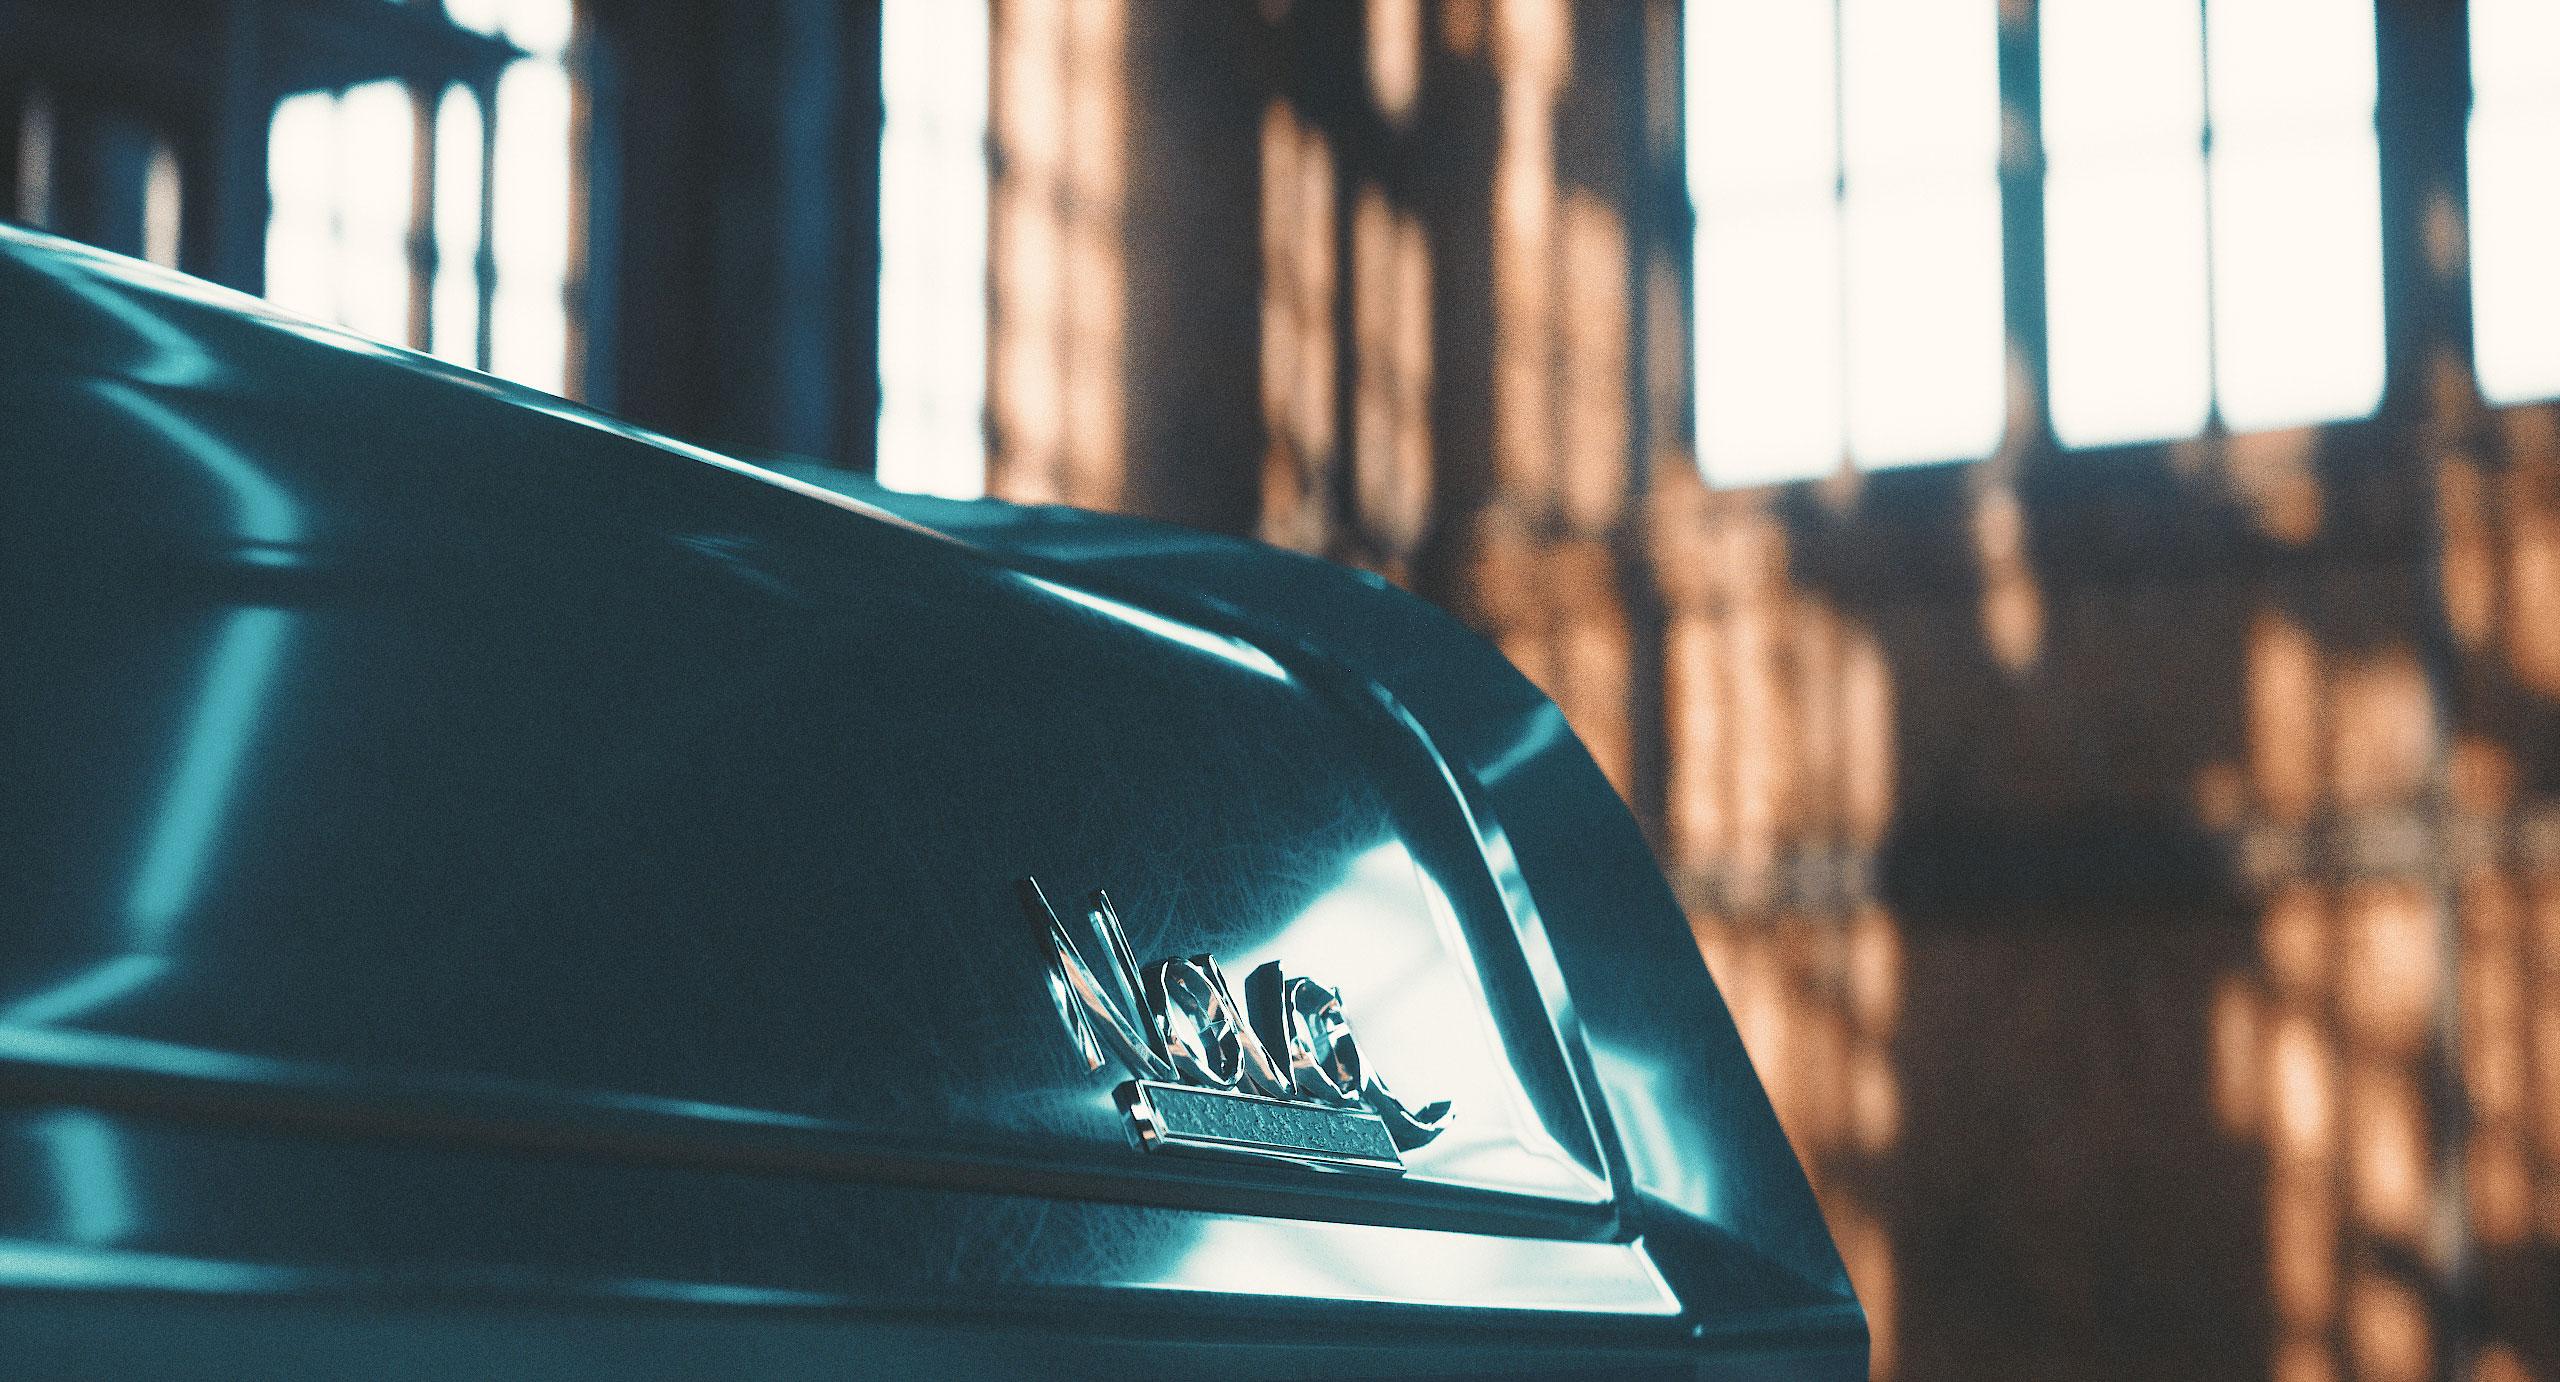 Car_006